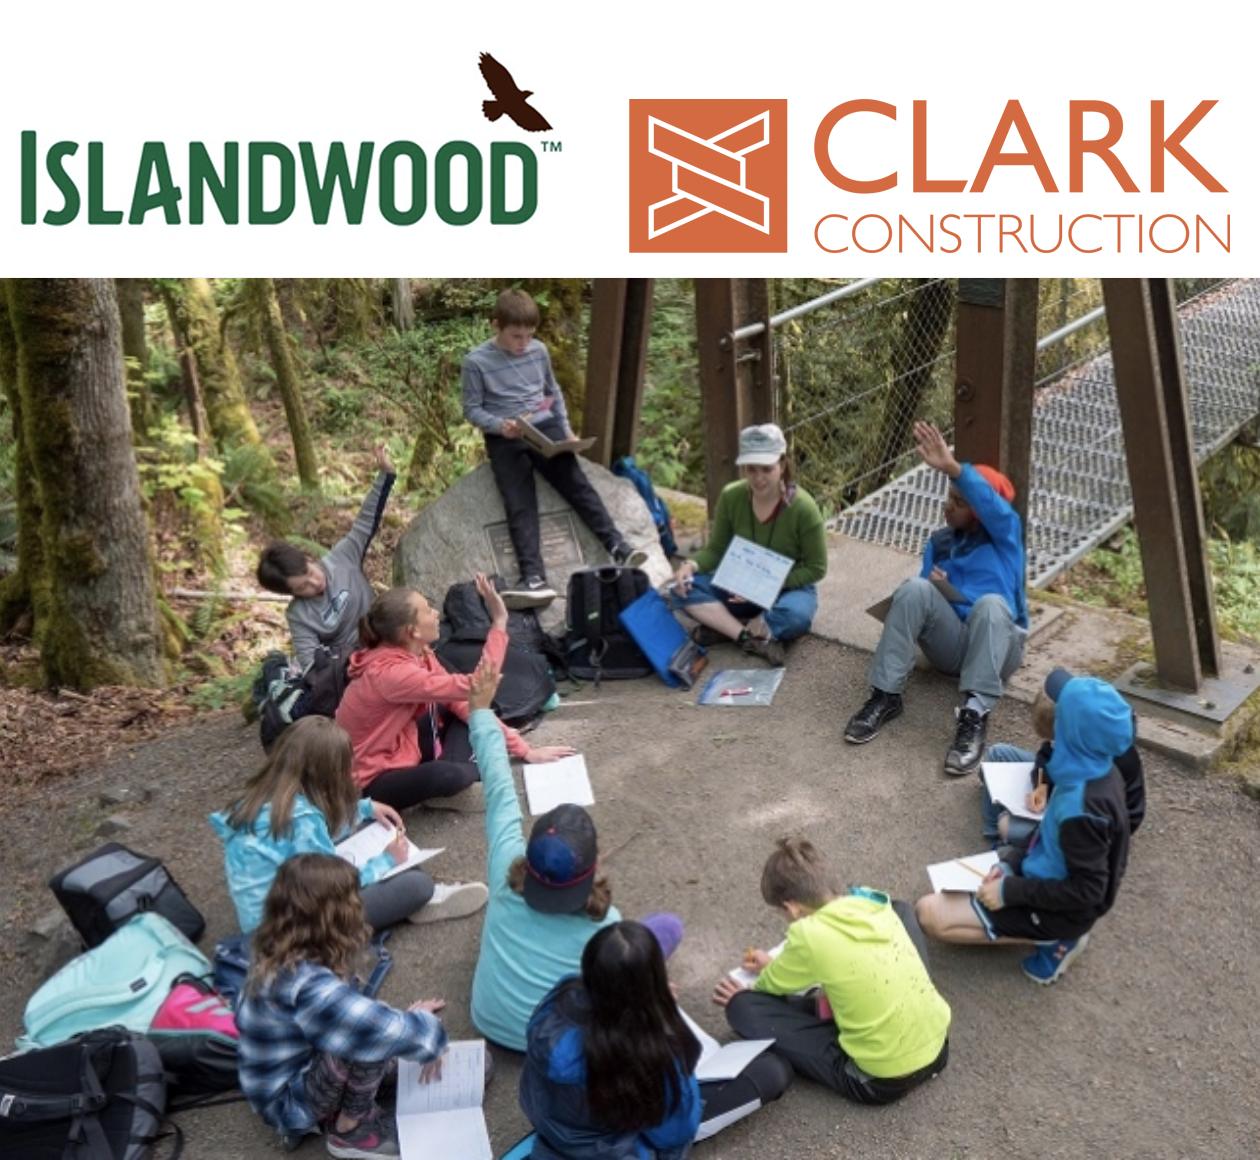 Islandwood-clark.png